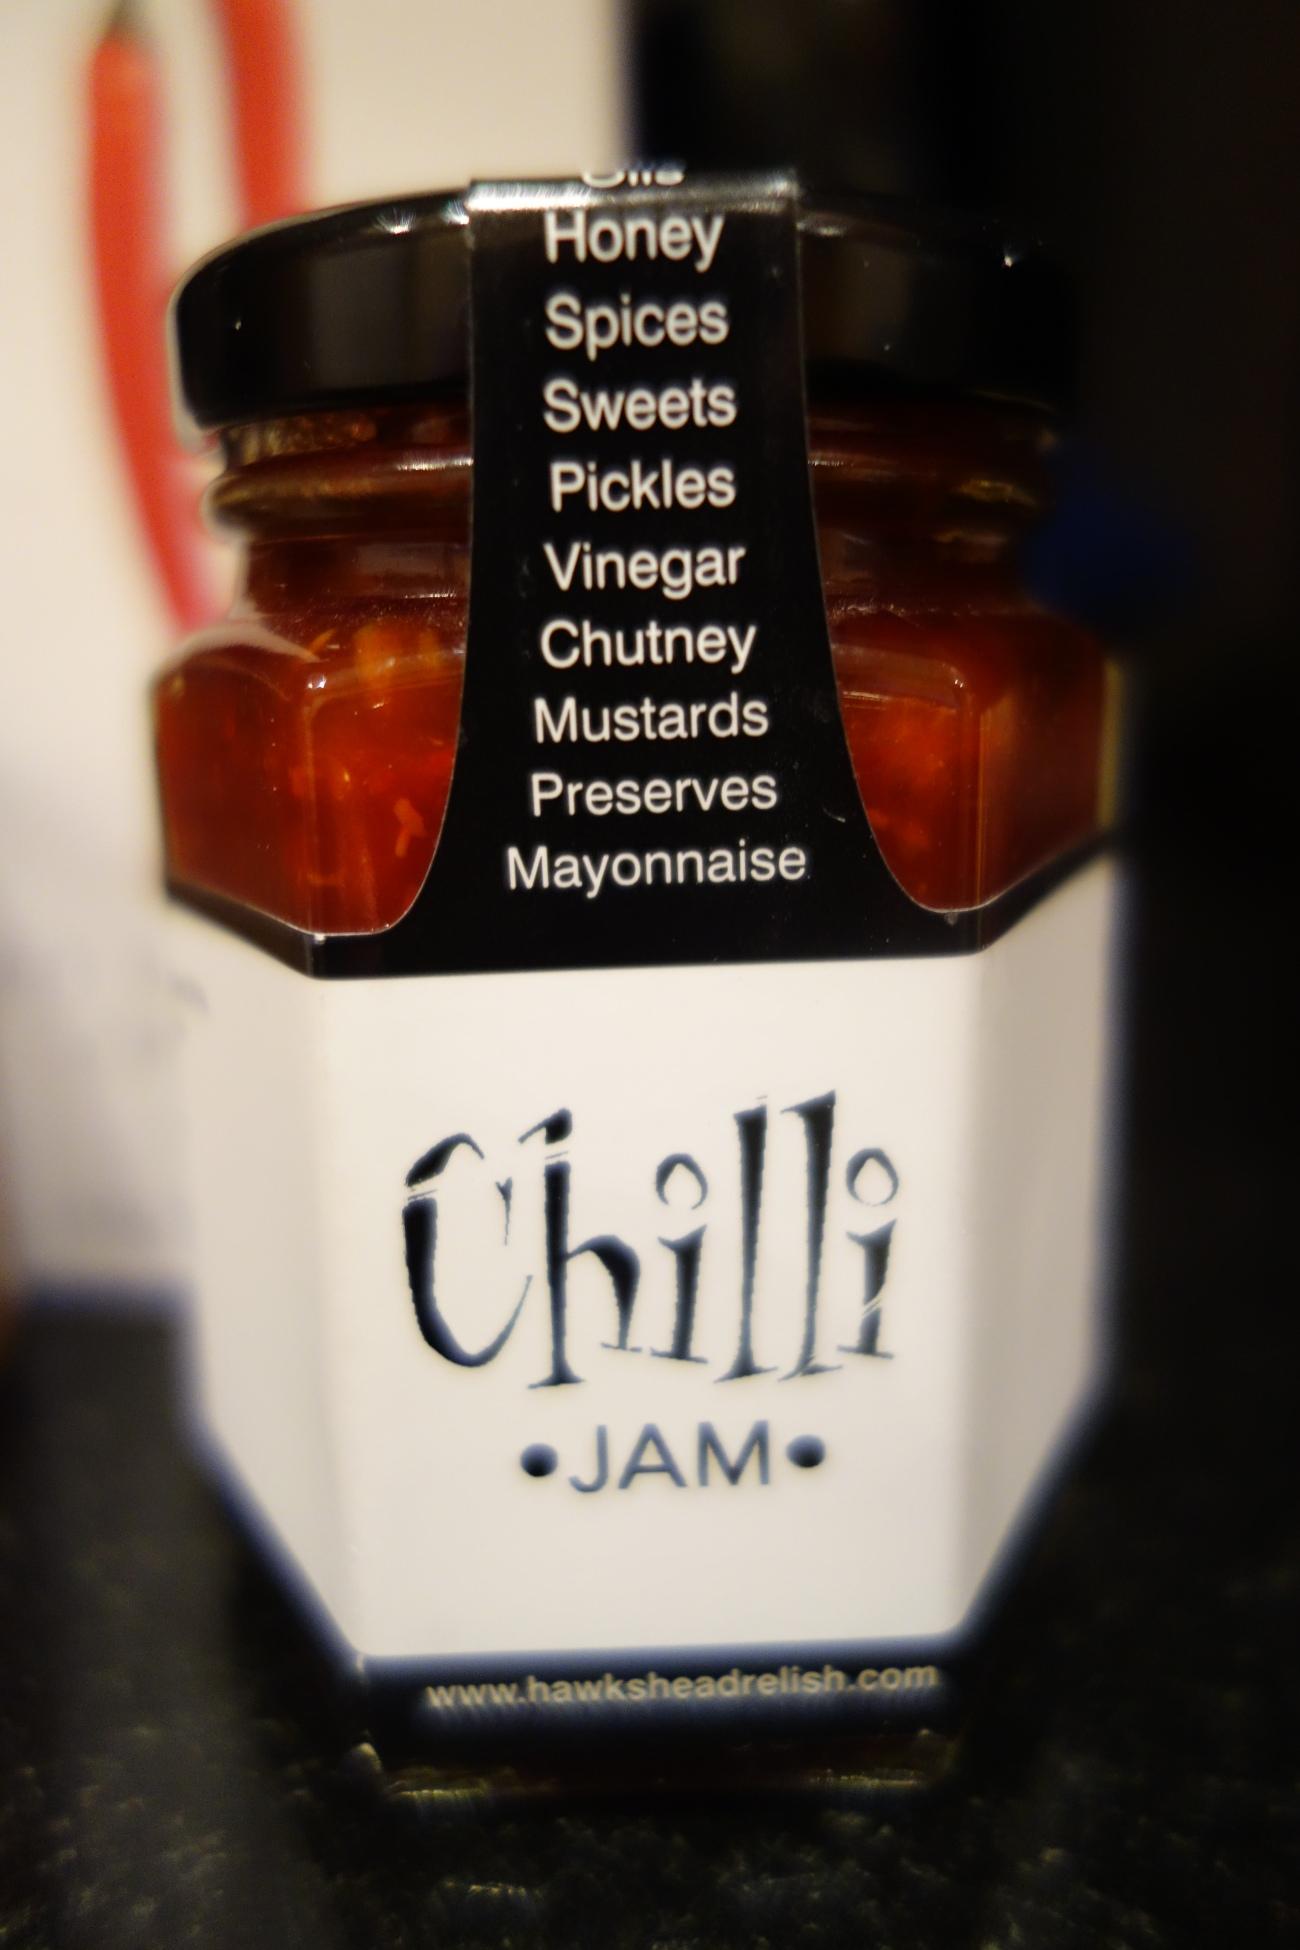 Chilli most